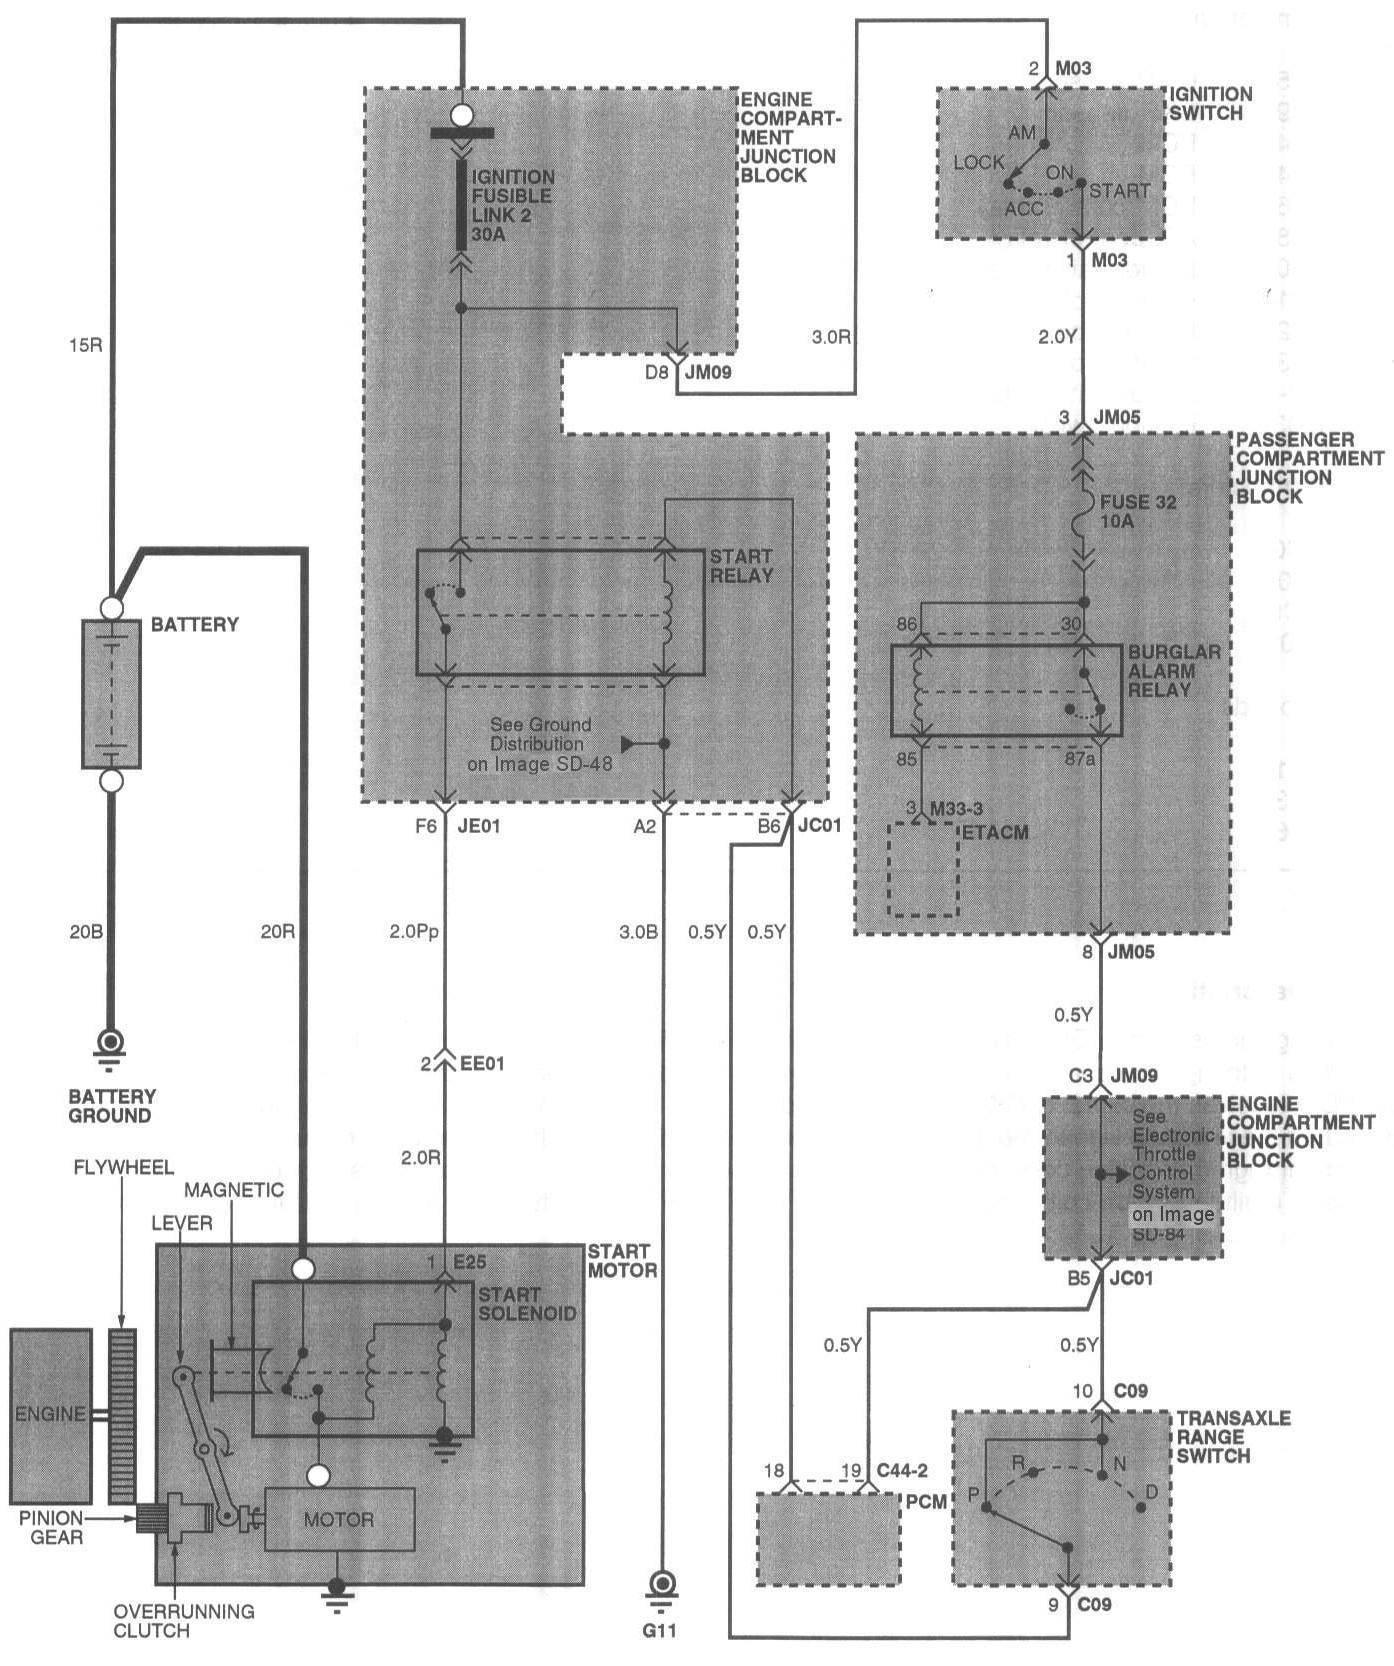 tcs wiring diagram get free image about wiring diagram